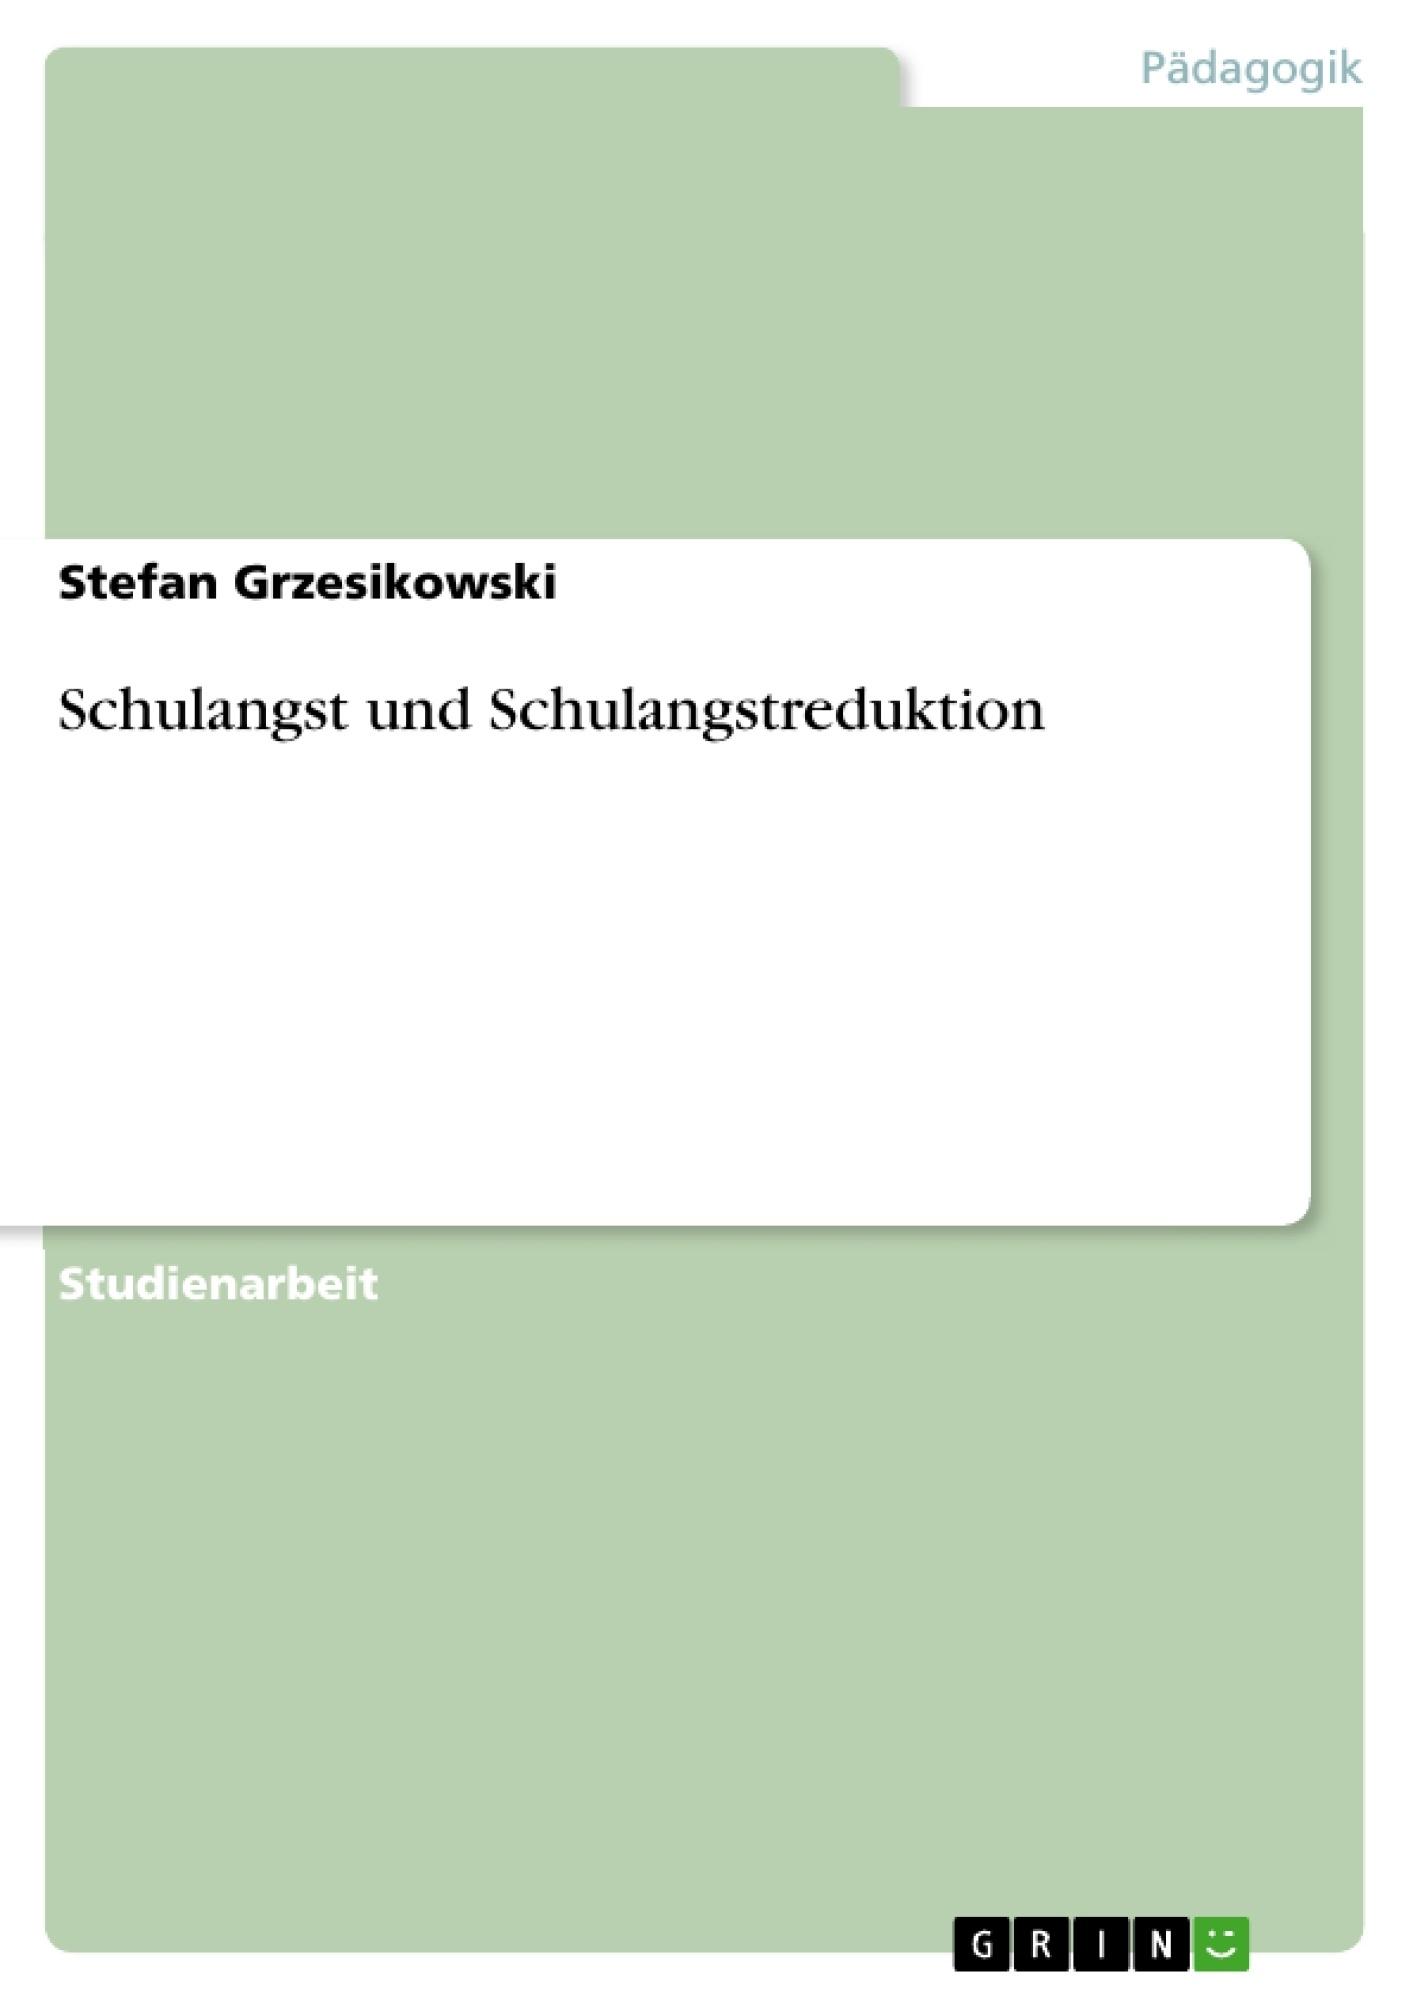 Titel: Schulangst und Schulangstreduktion